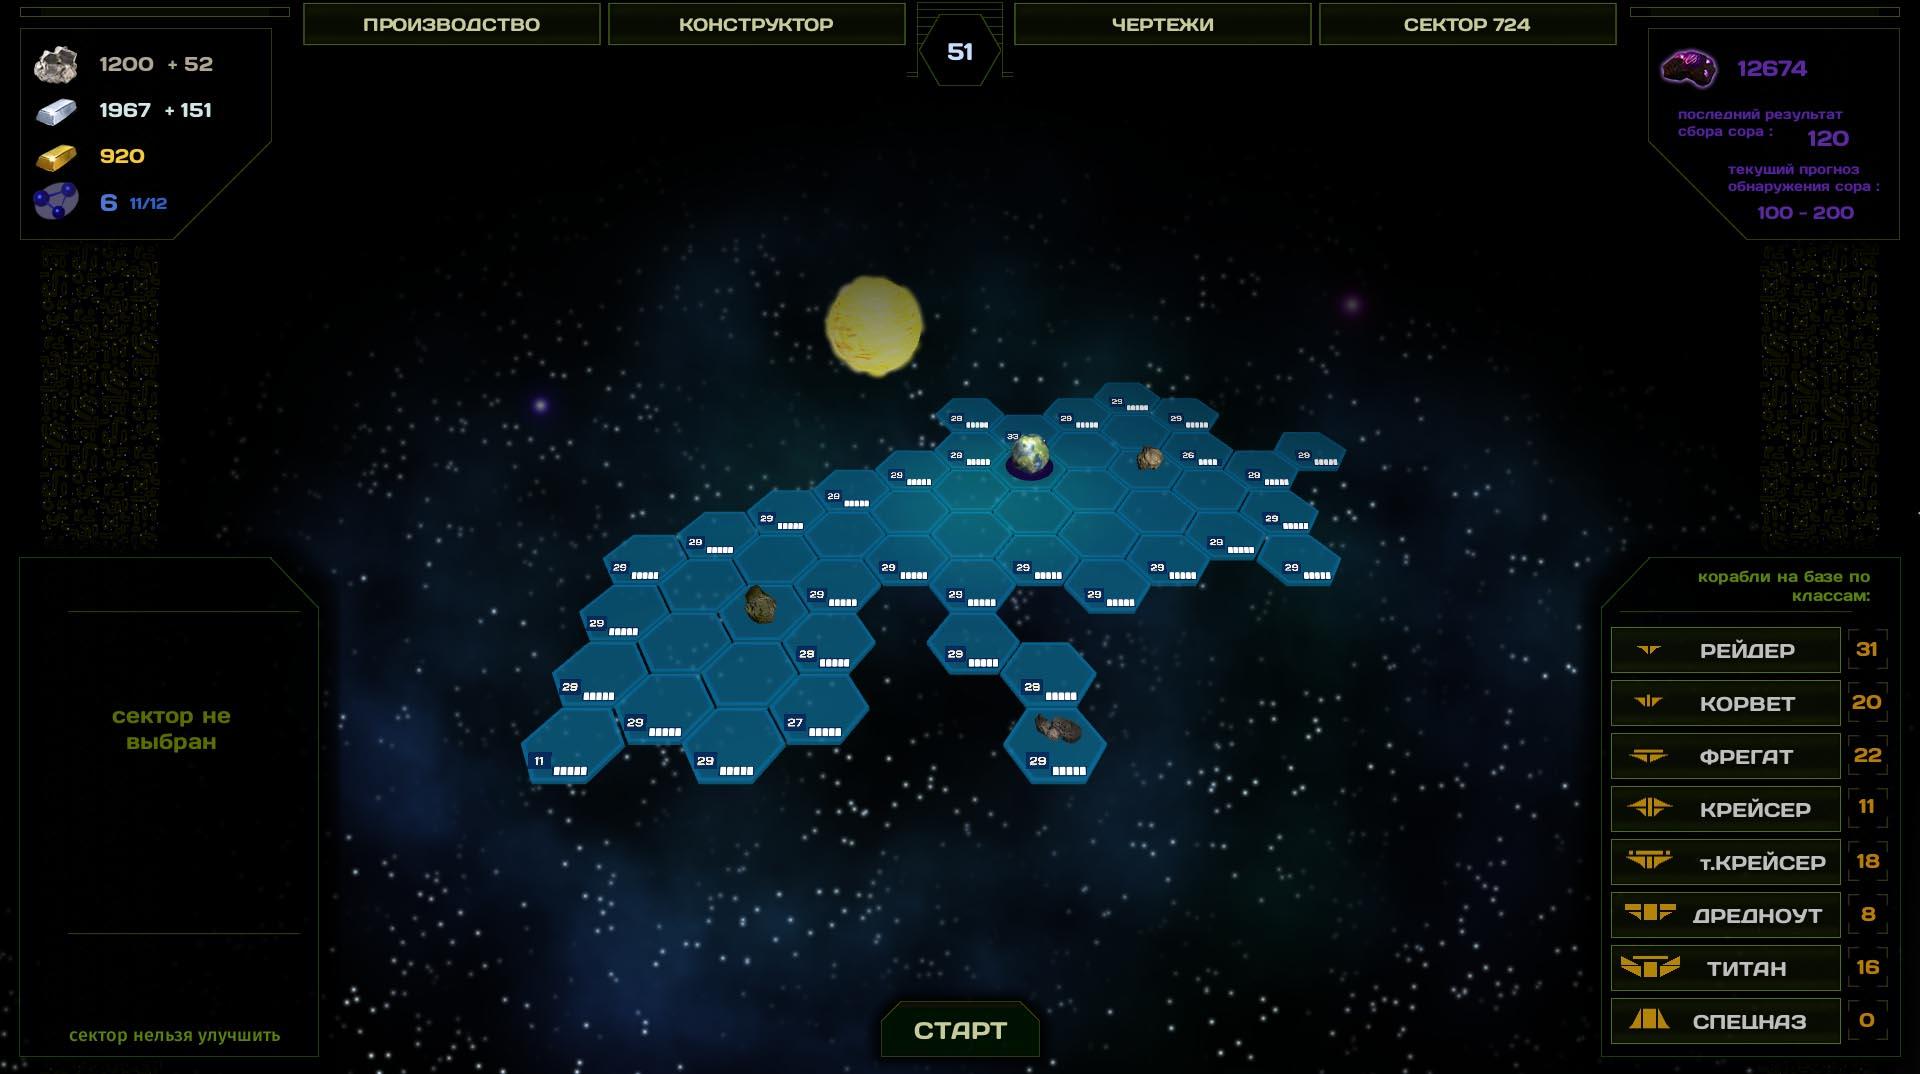 Sector724, что-то космическое в Greenlight. - Изображение 2